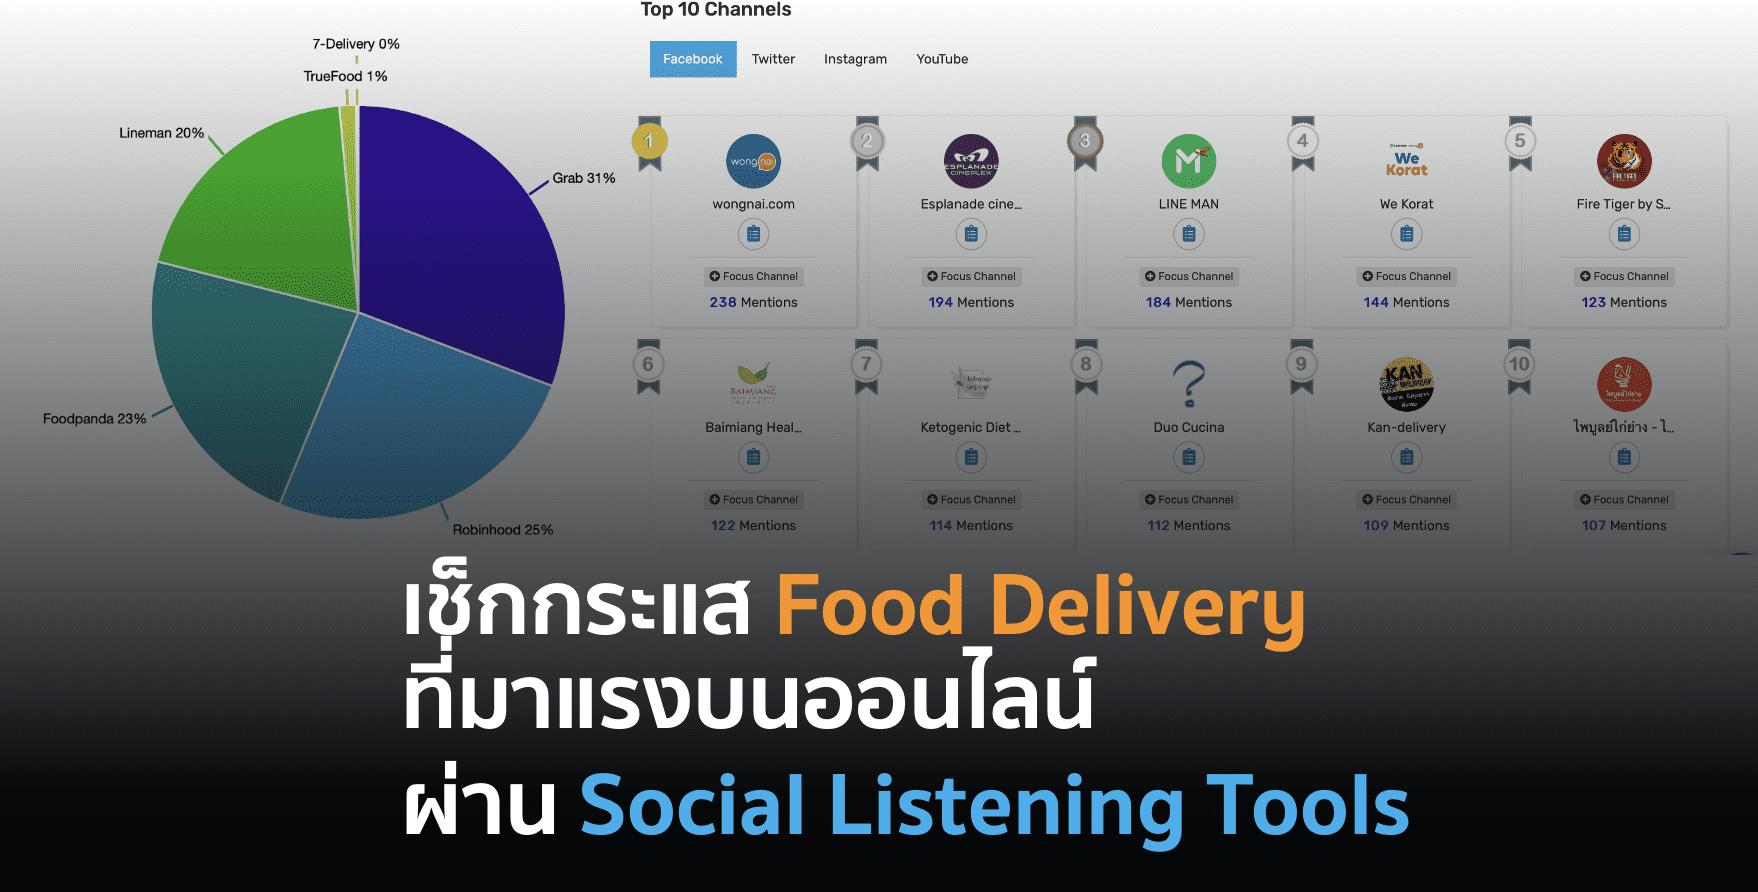 เผย Top 10 Influencer Food Delivery และ Market share จาก Social listening